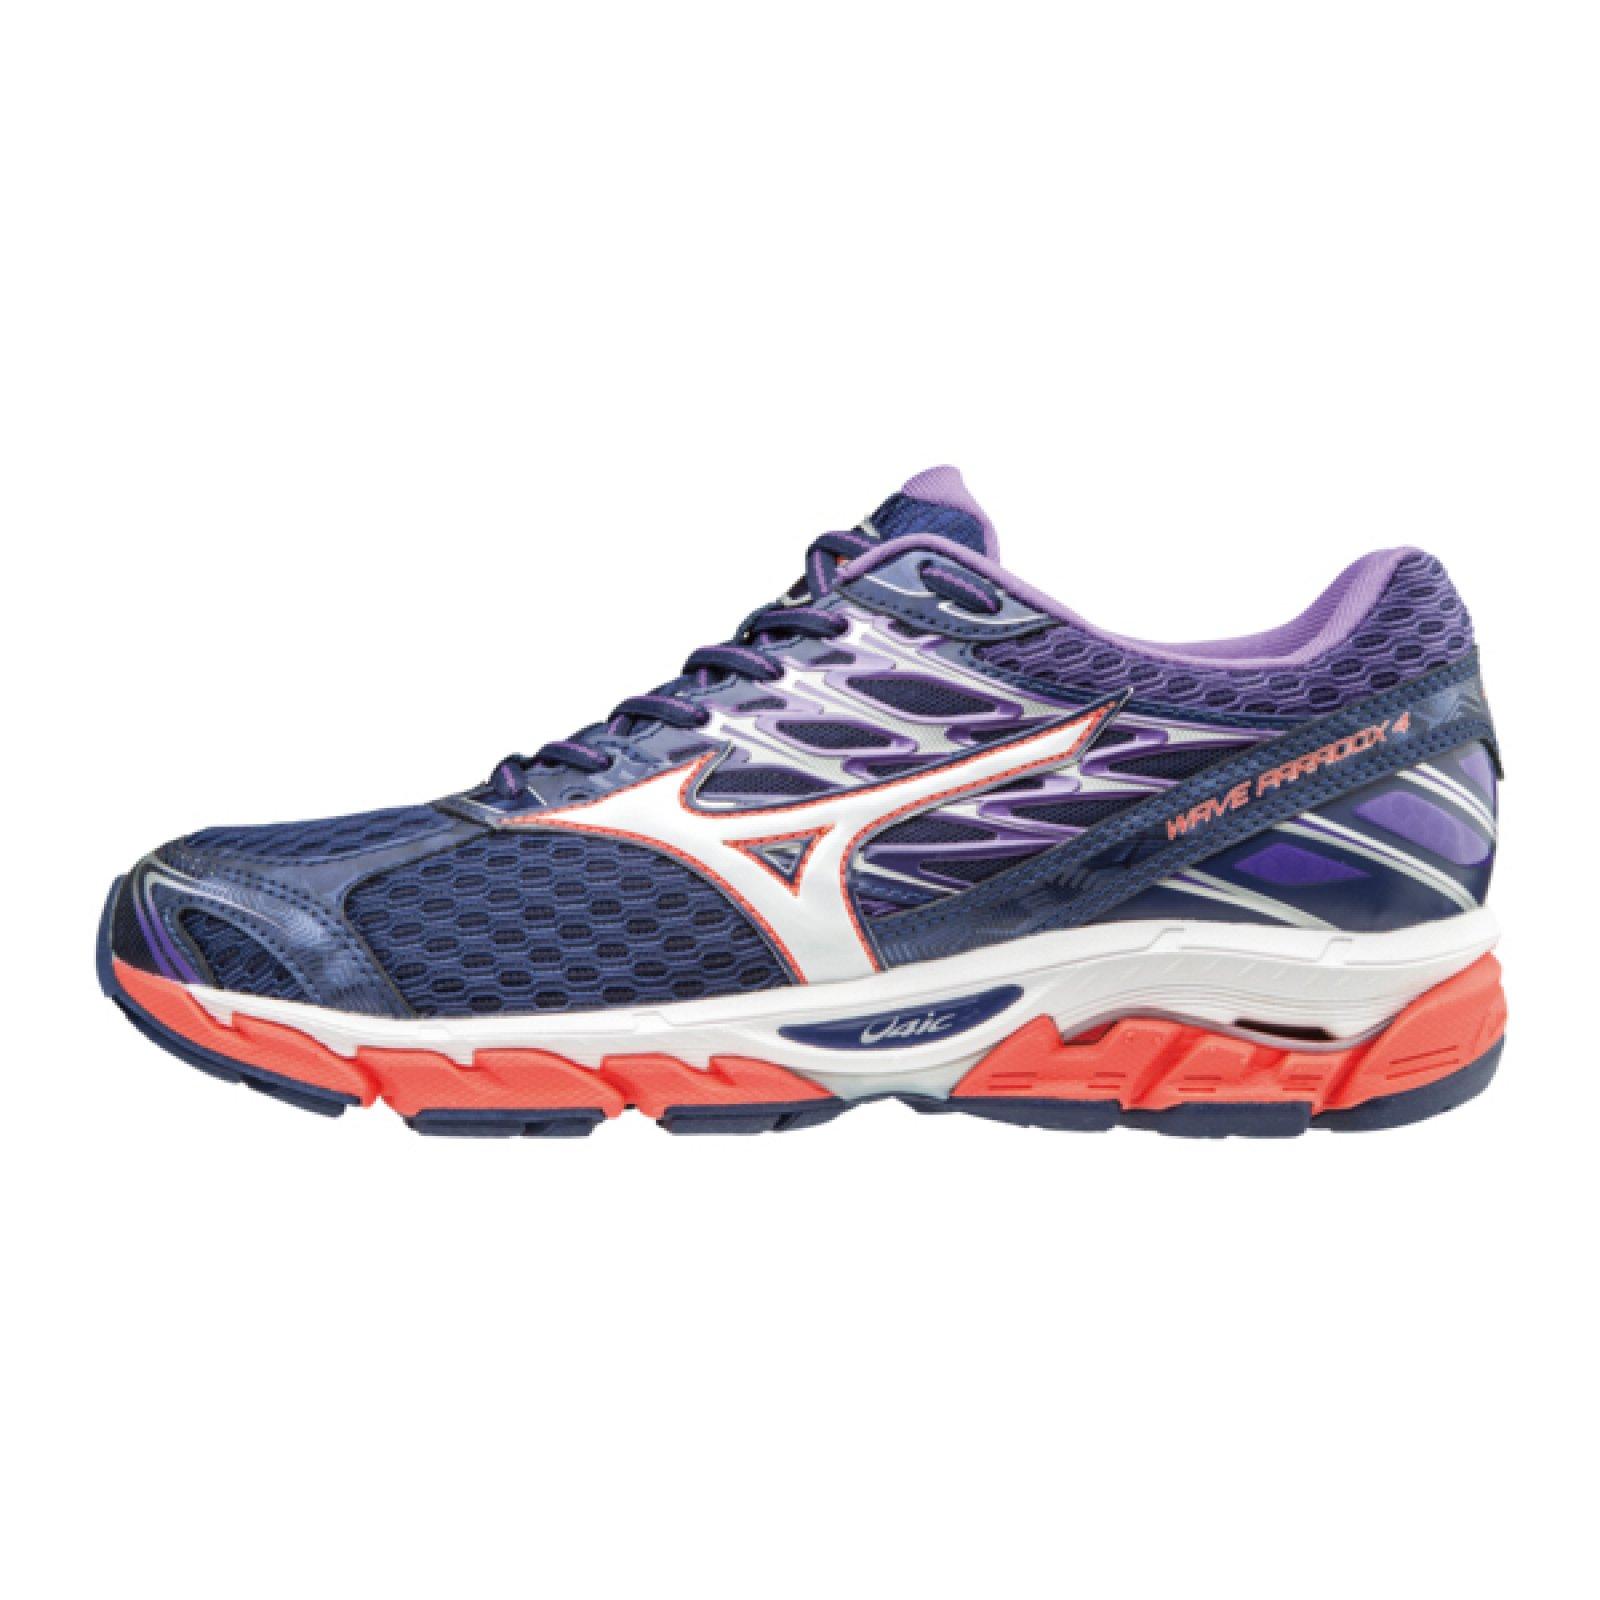 Silniční běžecká obuv Mizuno Wave Paradox 4 W J1GD174002 - Actisport.cz 69602c050ff